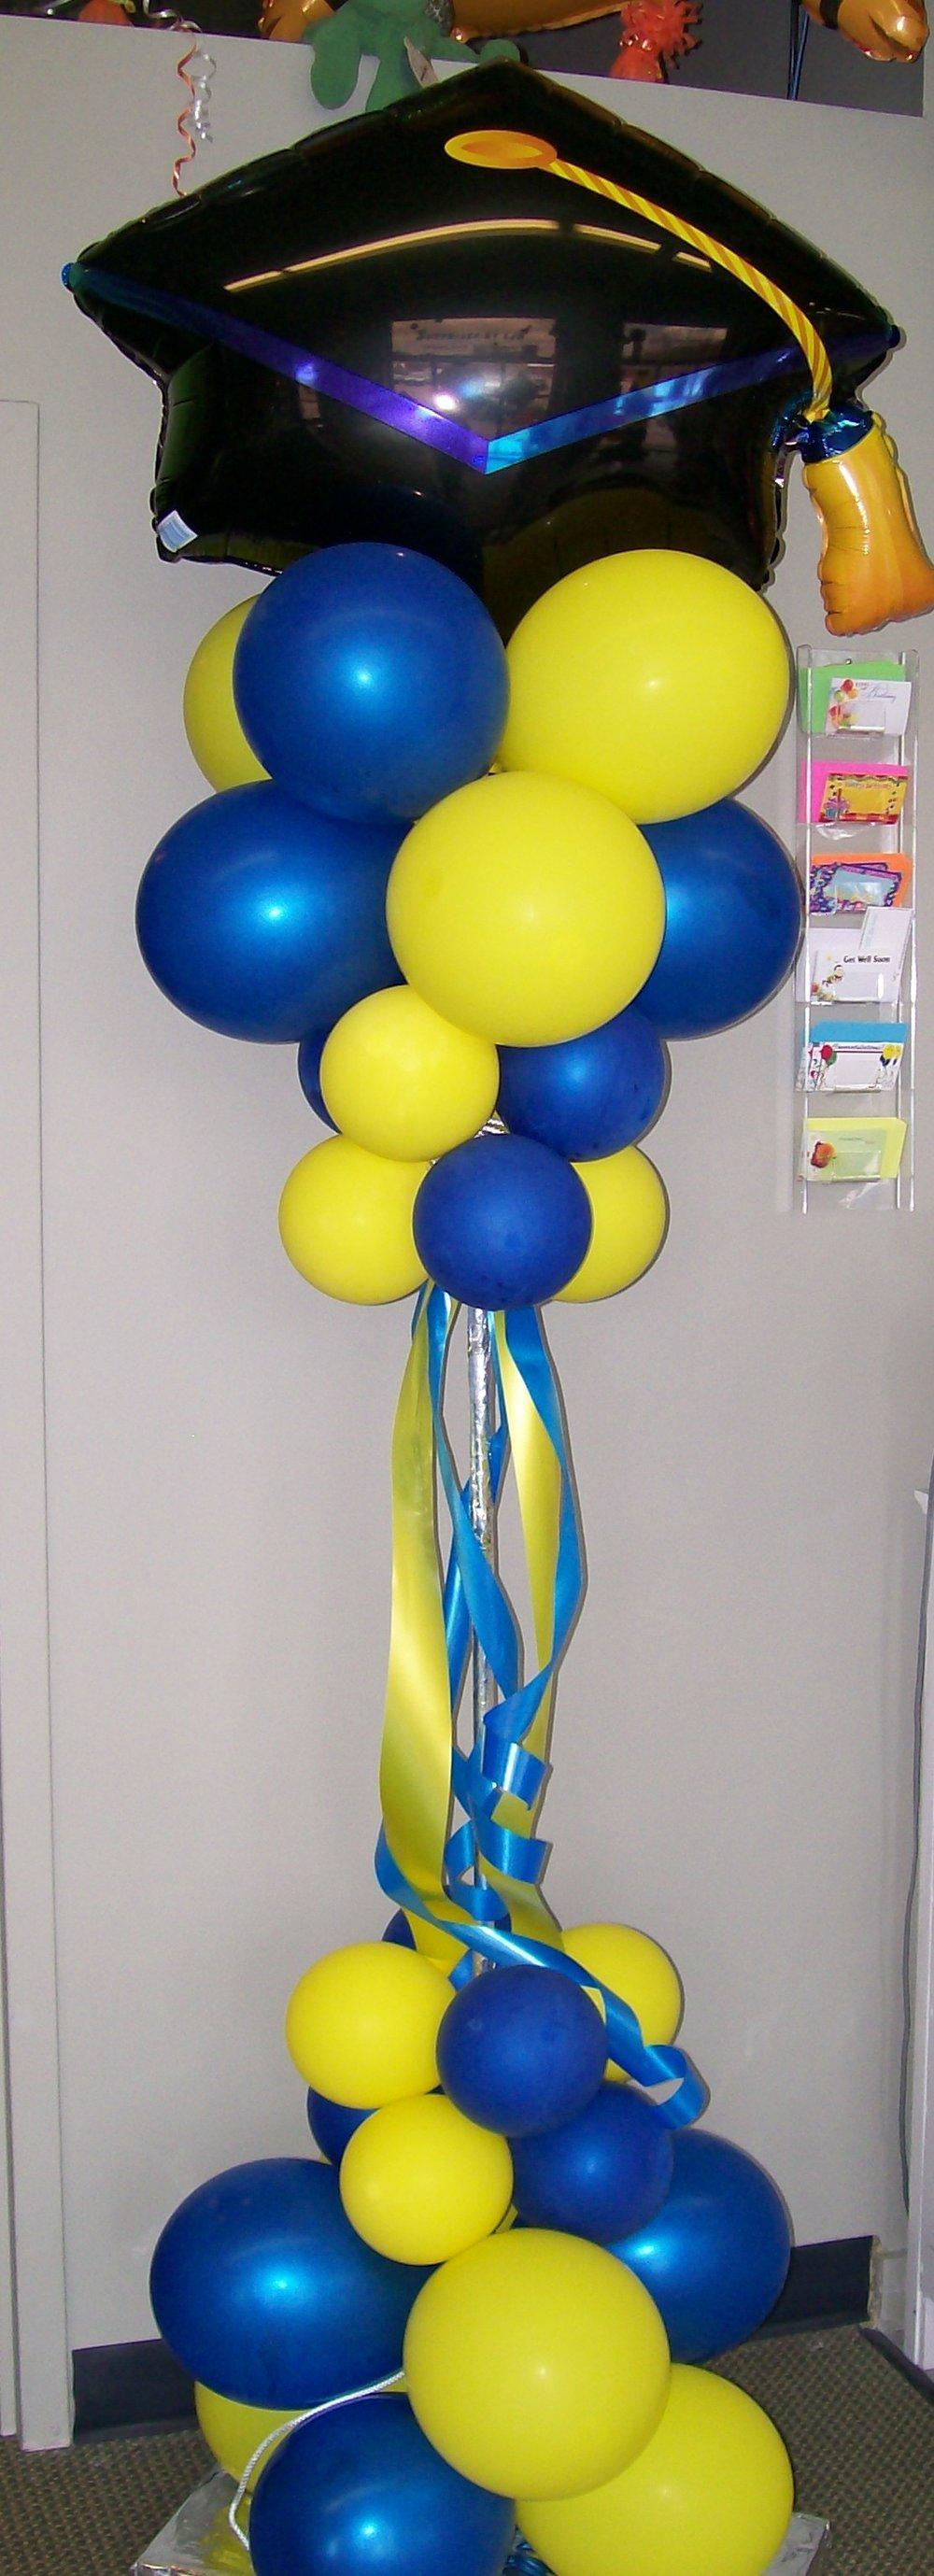 Graduation Balloon Column.JPG